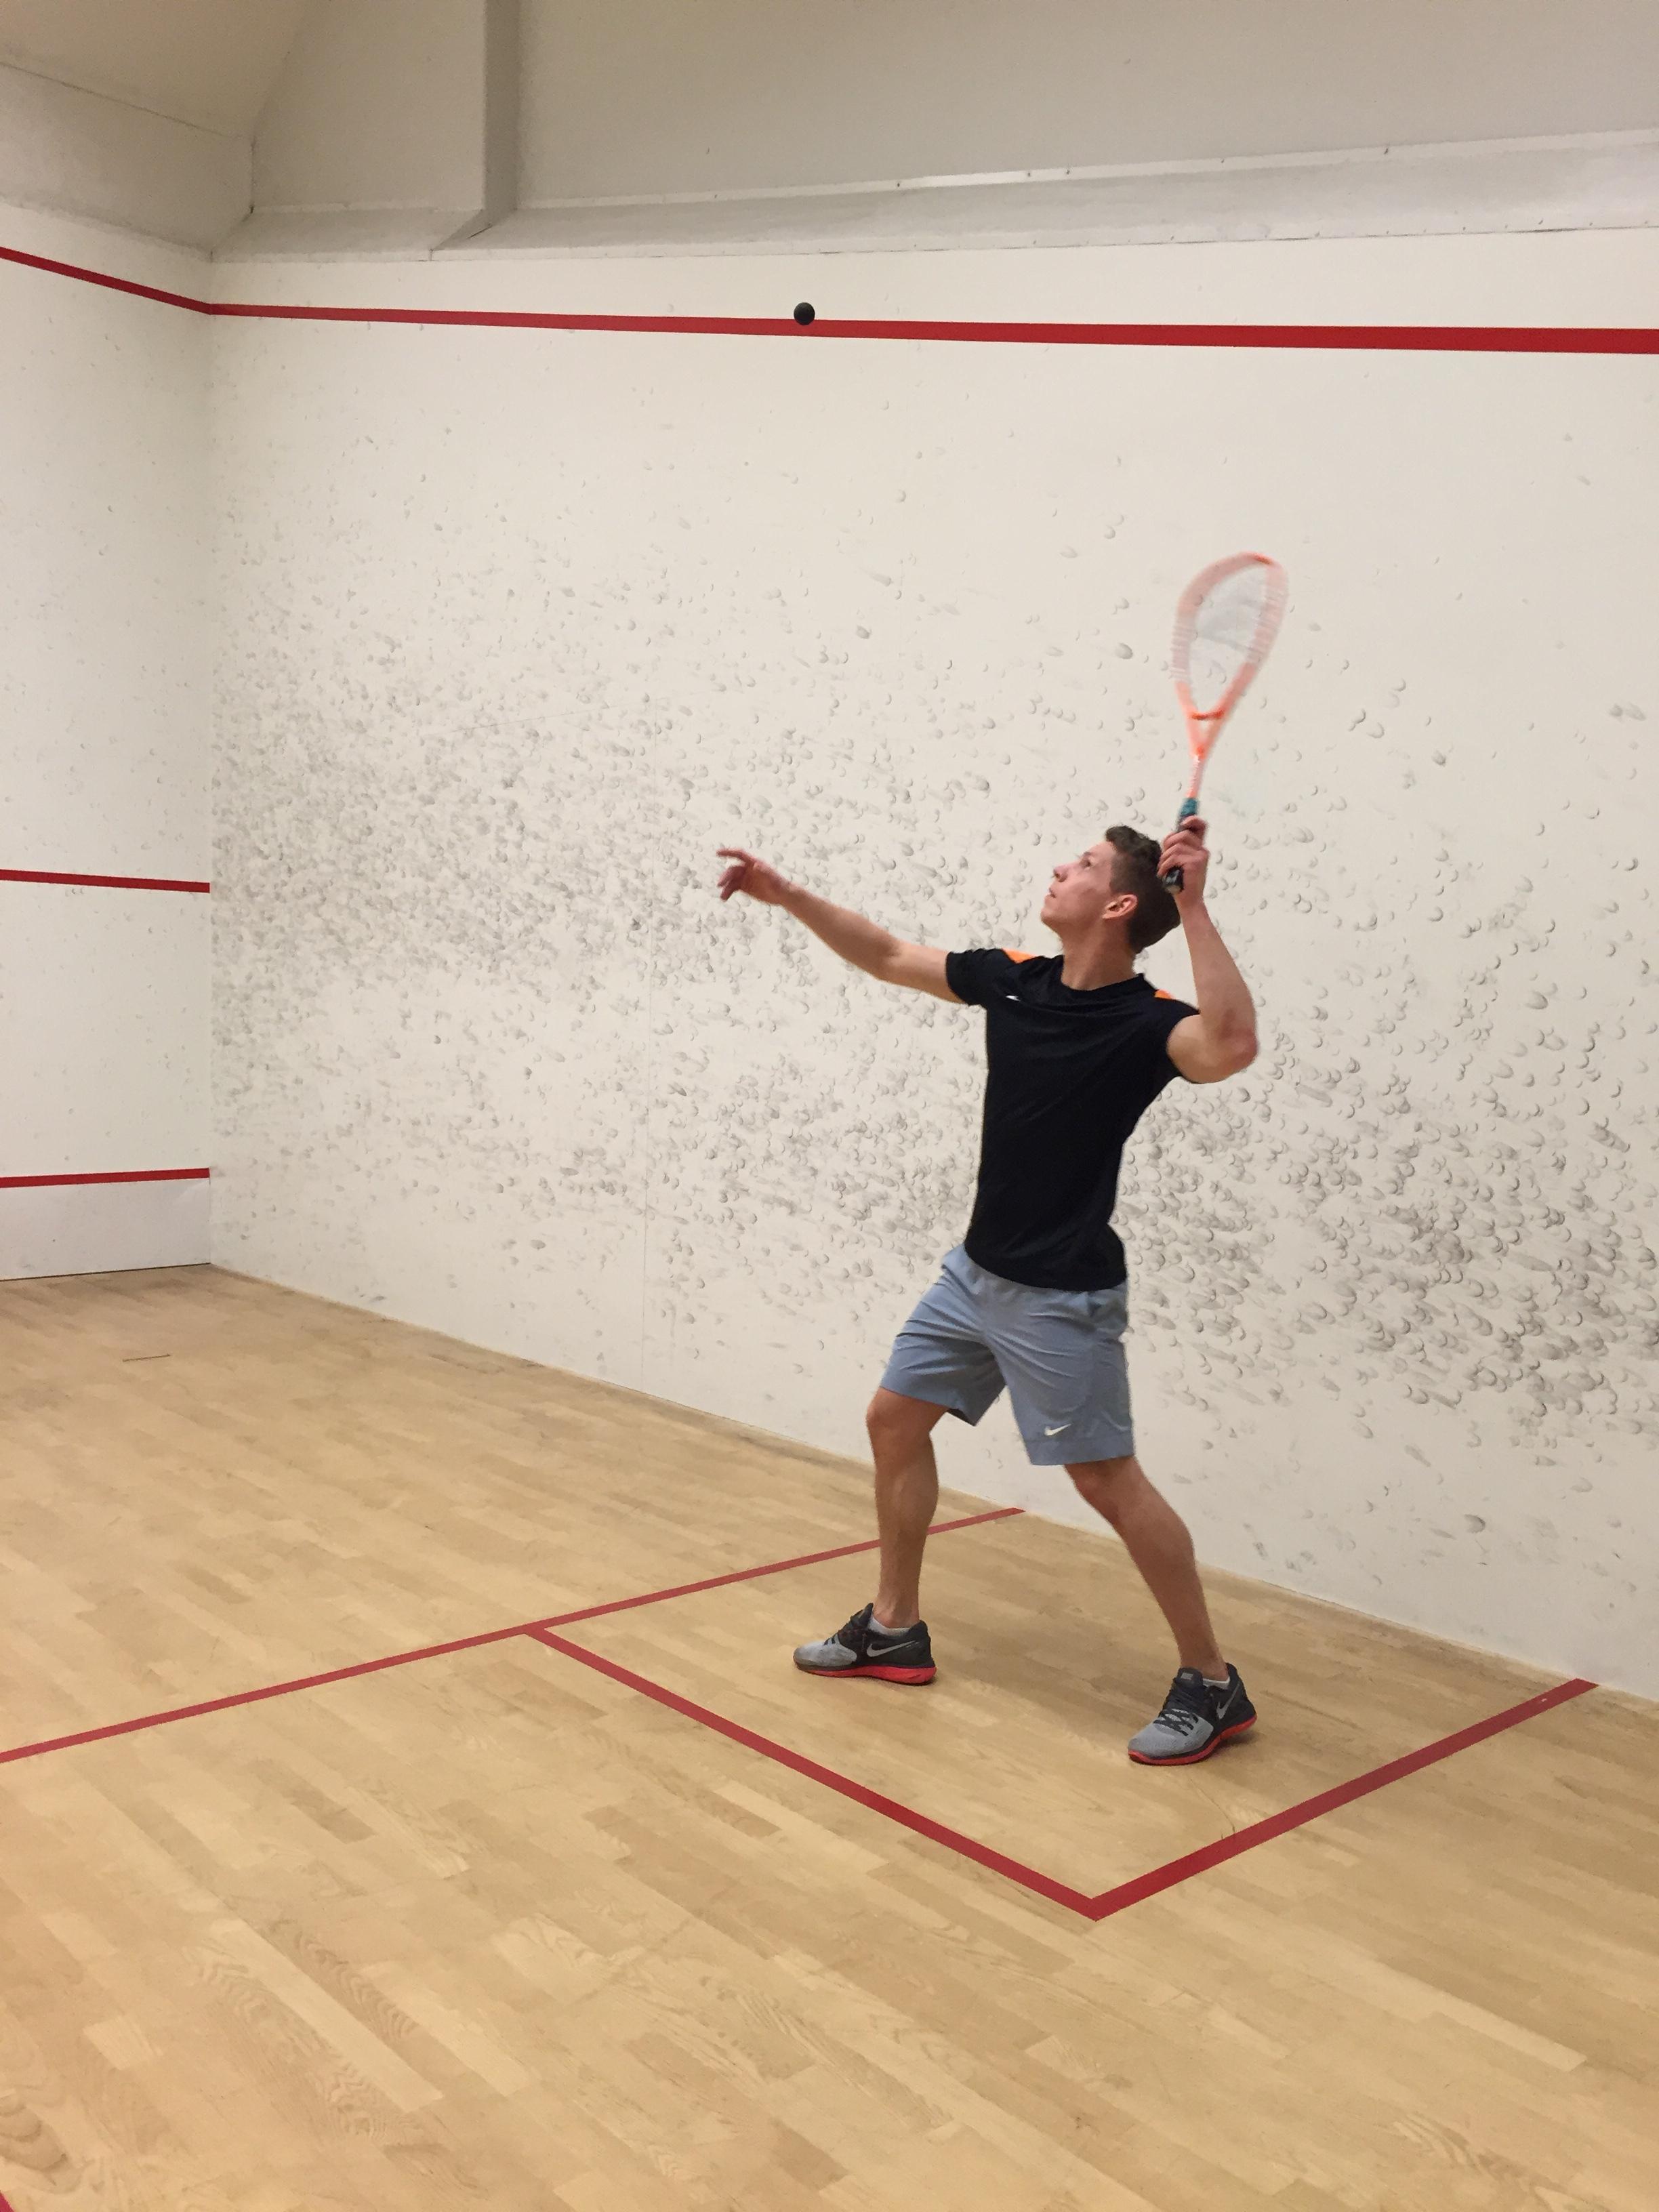 Squashspiller